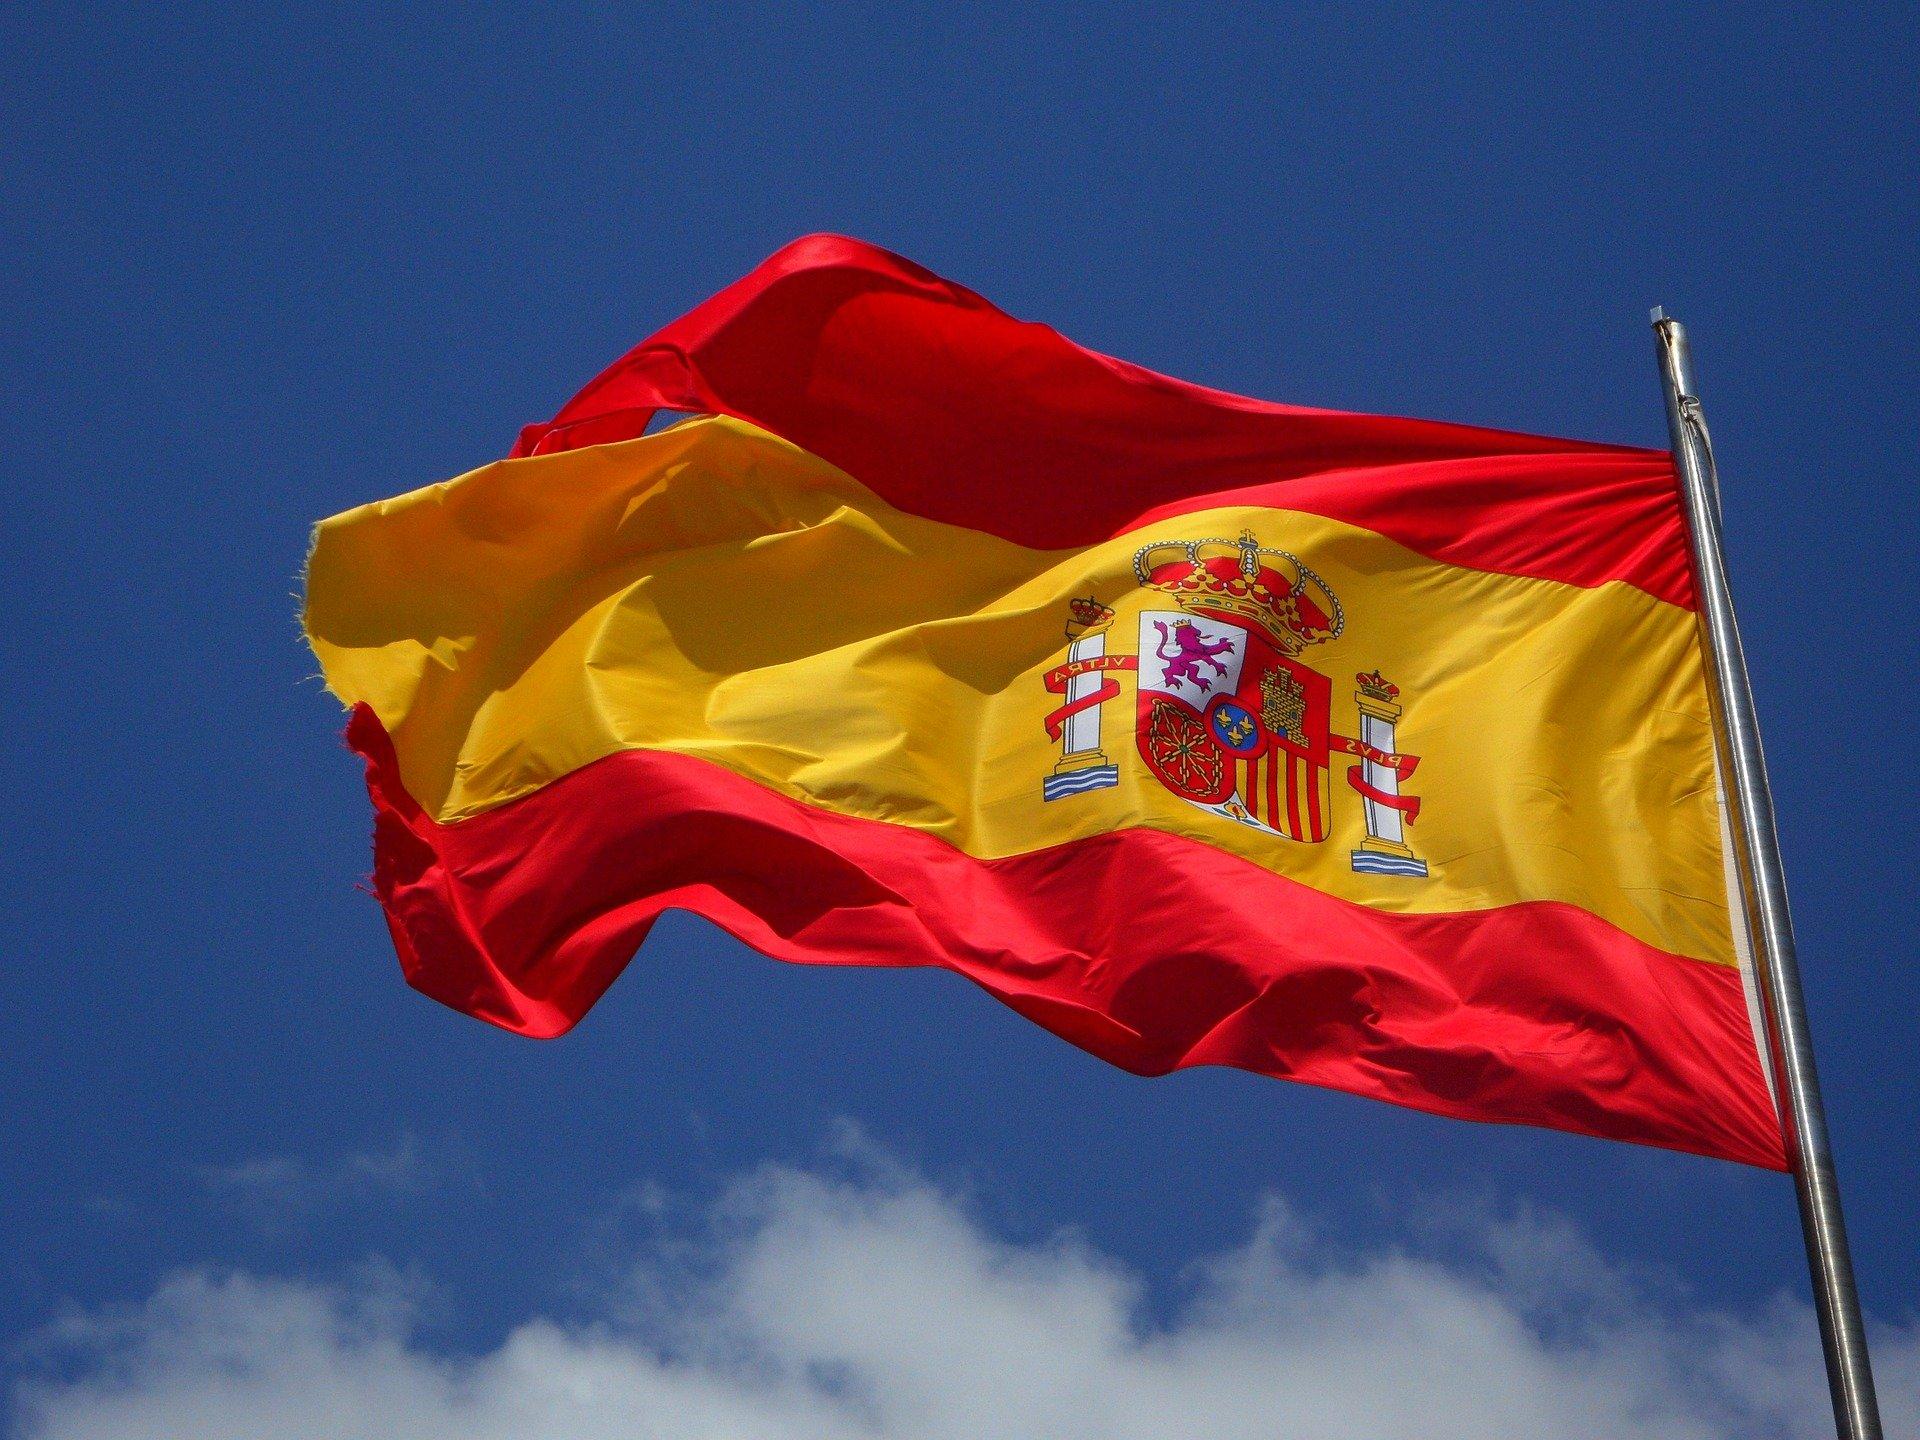 DALL'AUTORITA' PER LA PROTEZIONE DEI DATI DELLA SPAGNA:  L'Agenzia Spagnola Per La Protezione Dei Dati Pubblica Il Suo Rapporto 2020